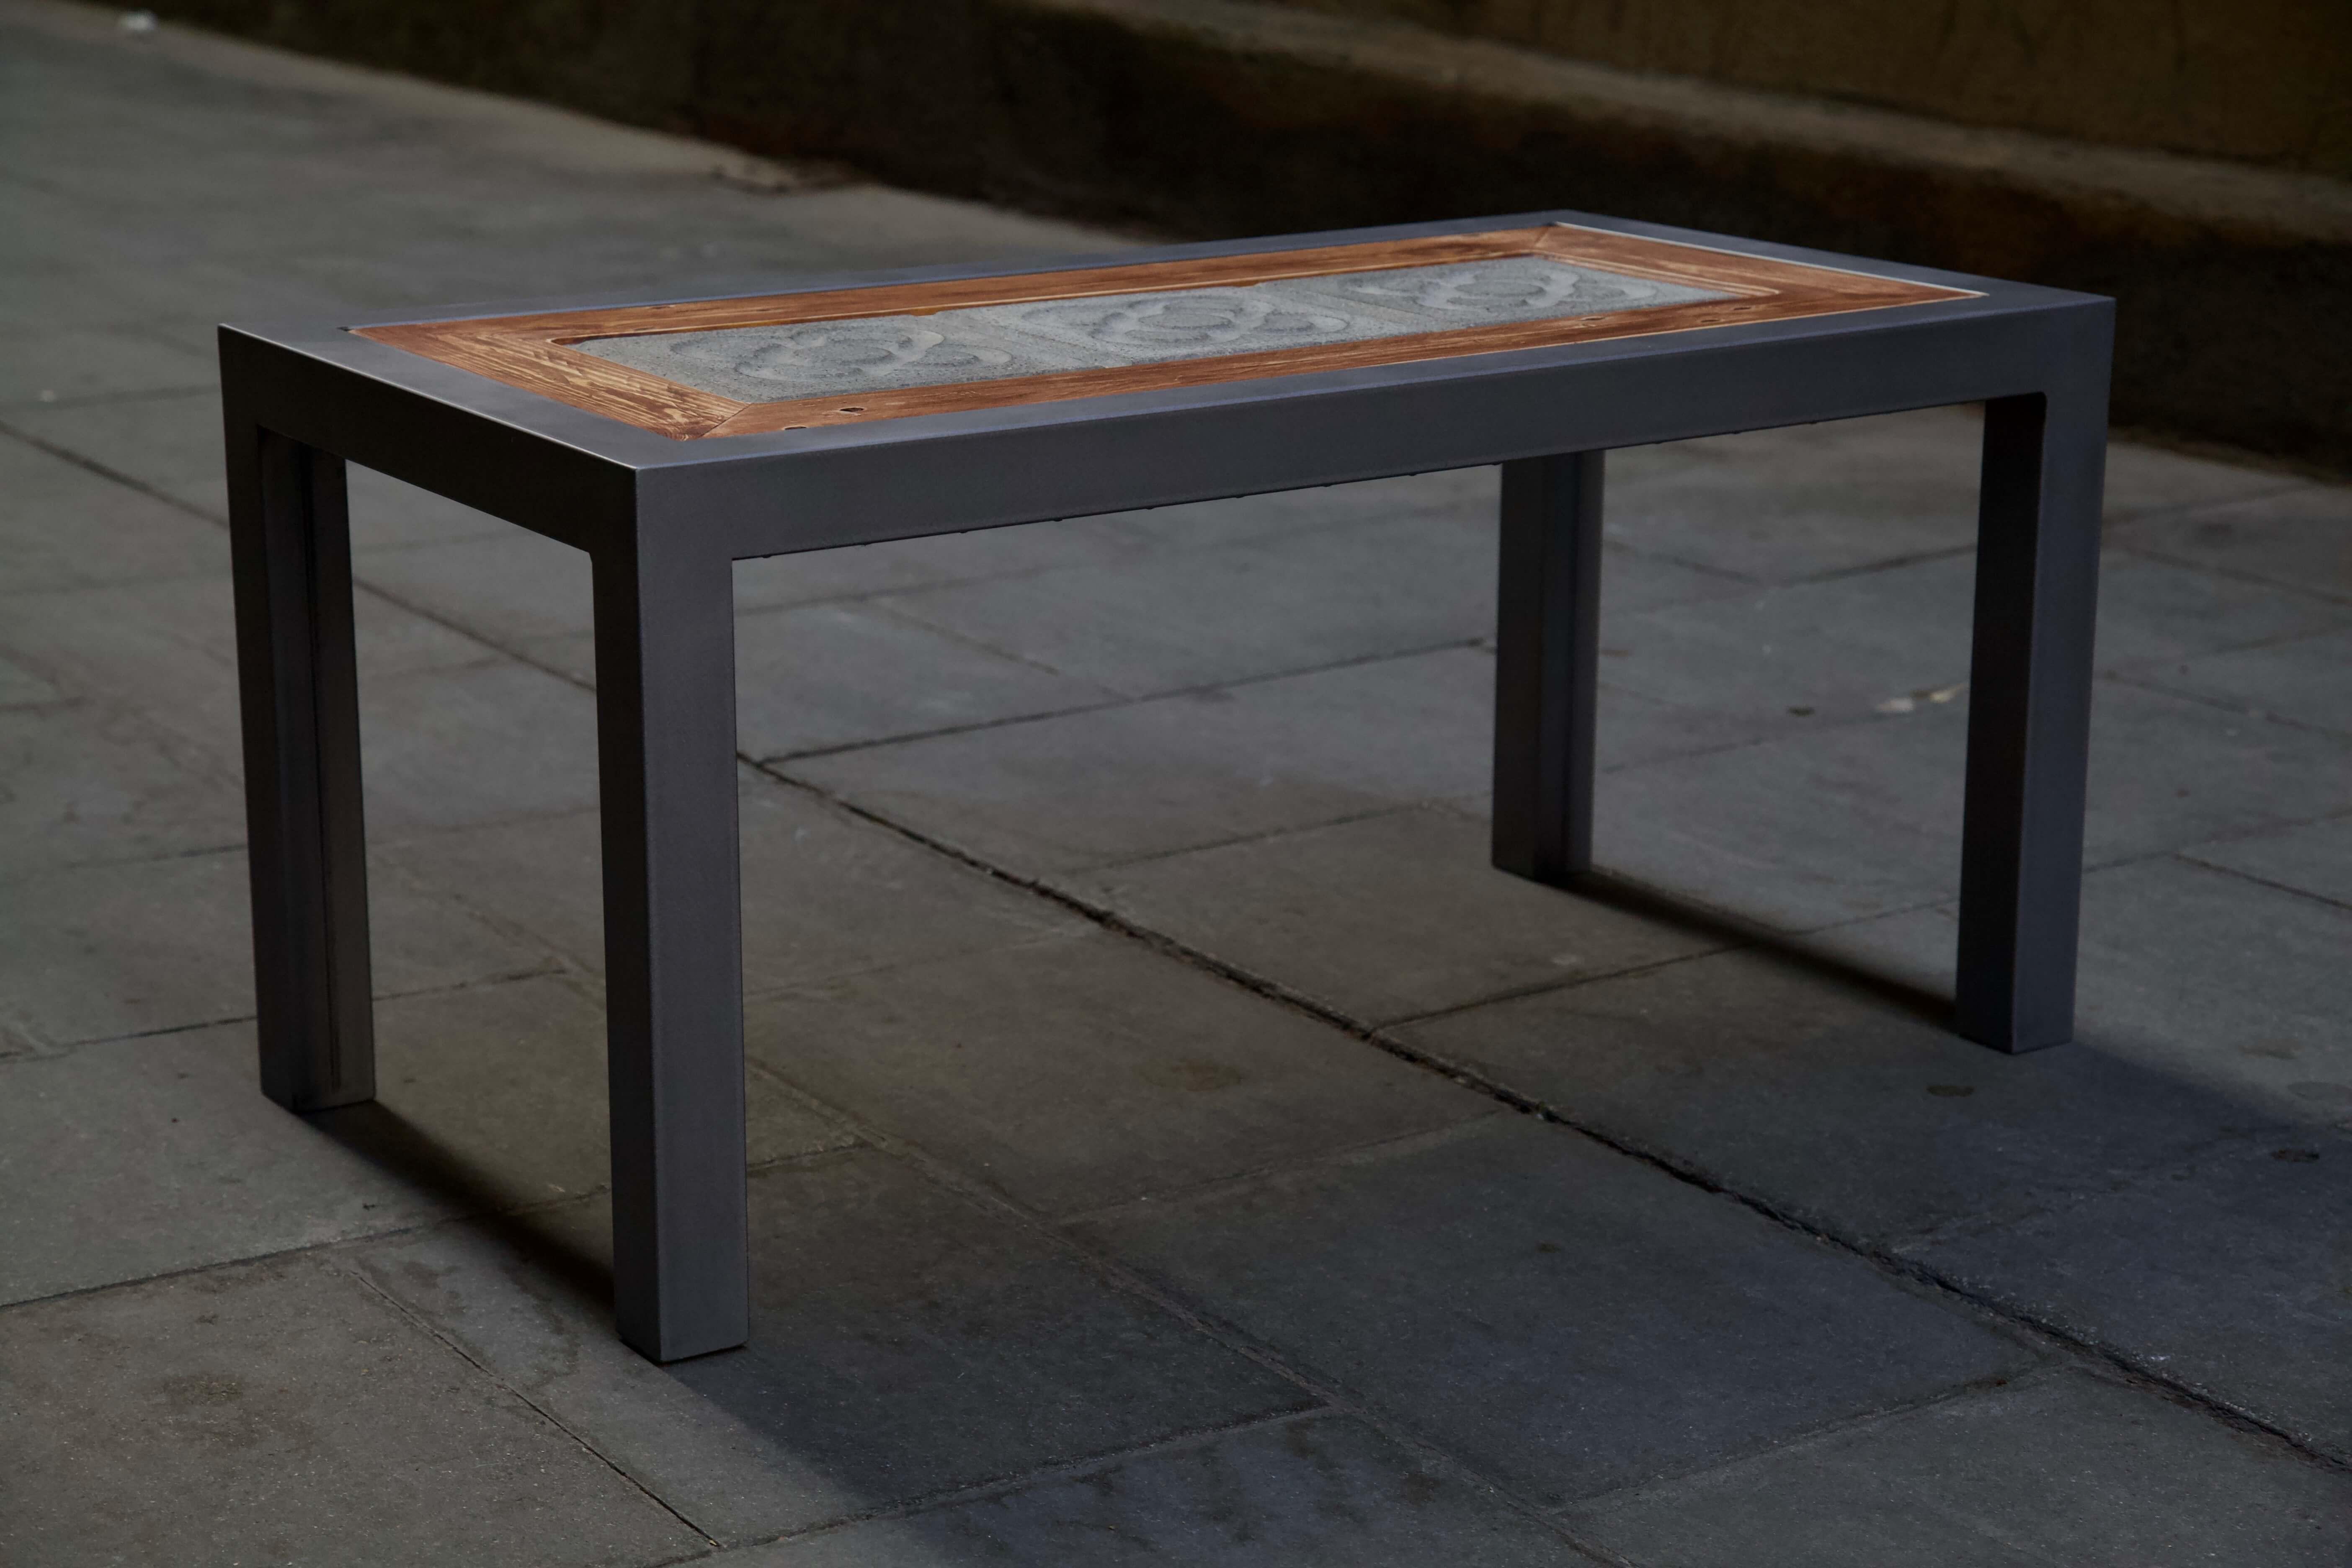 Lateral izquierdo de la mesa hecha con hierro, panot flor de barcelona y madera de palet